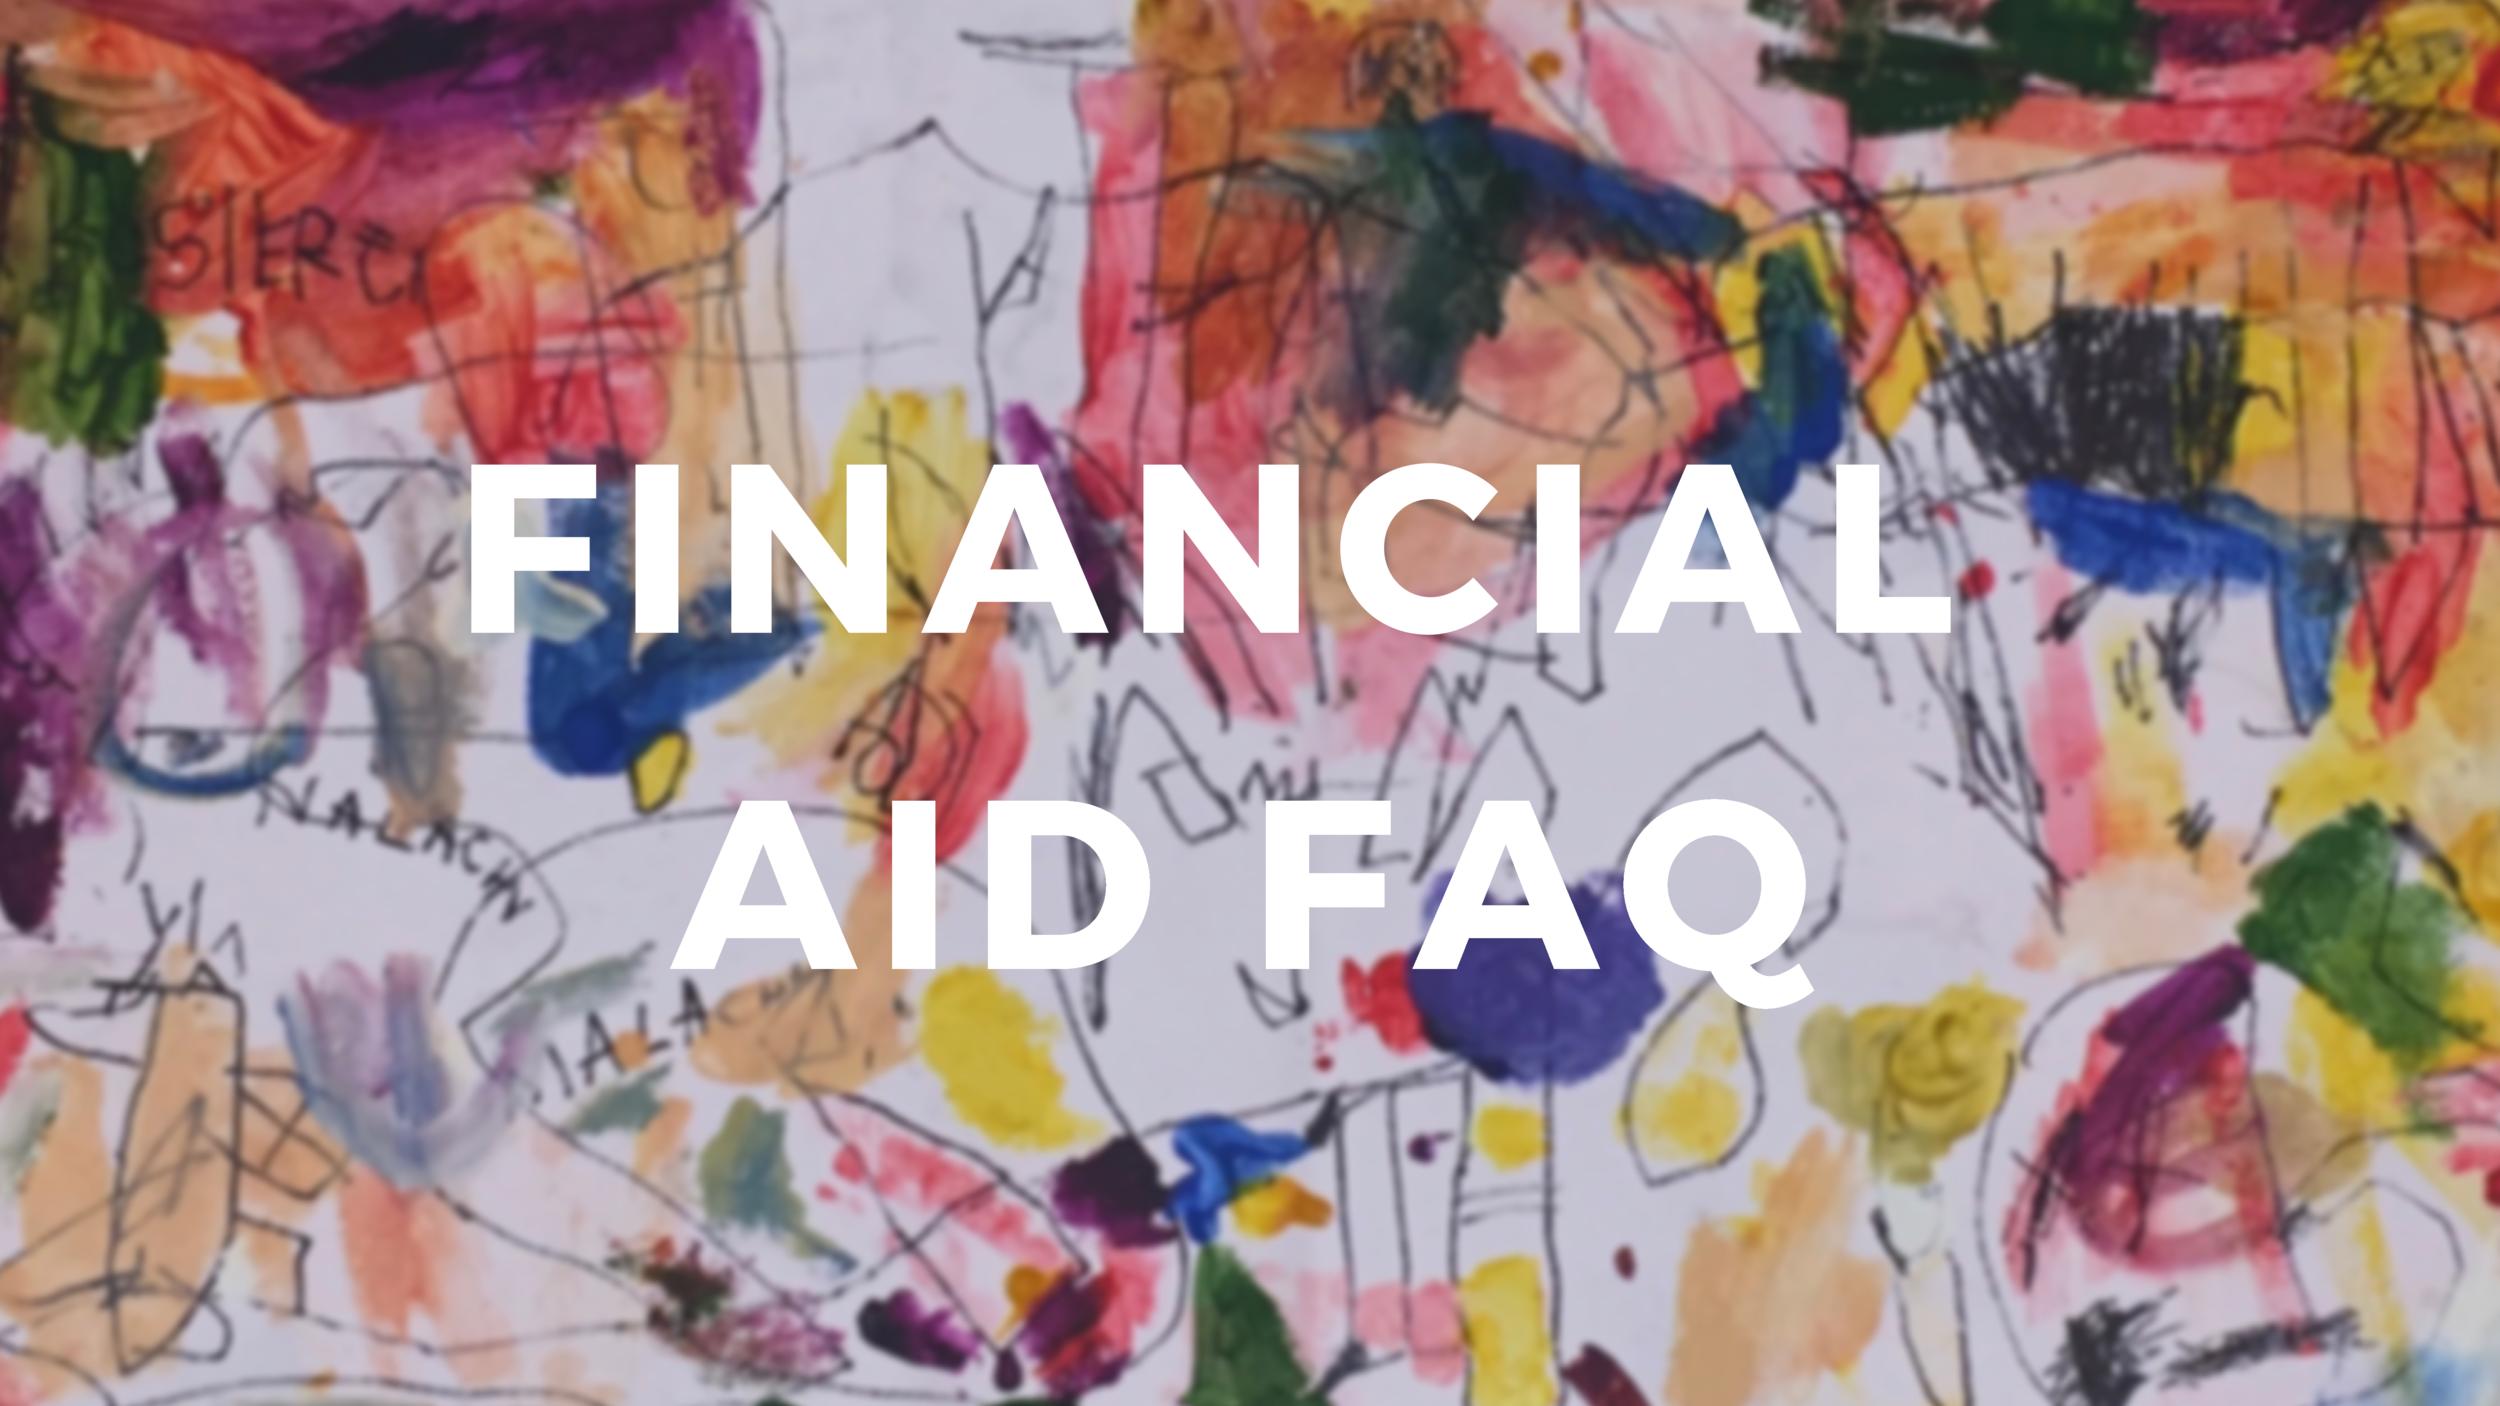 FINANCIAL AID FAQ TILE.png